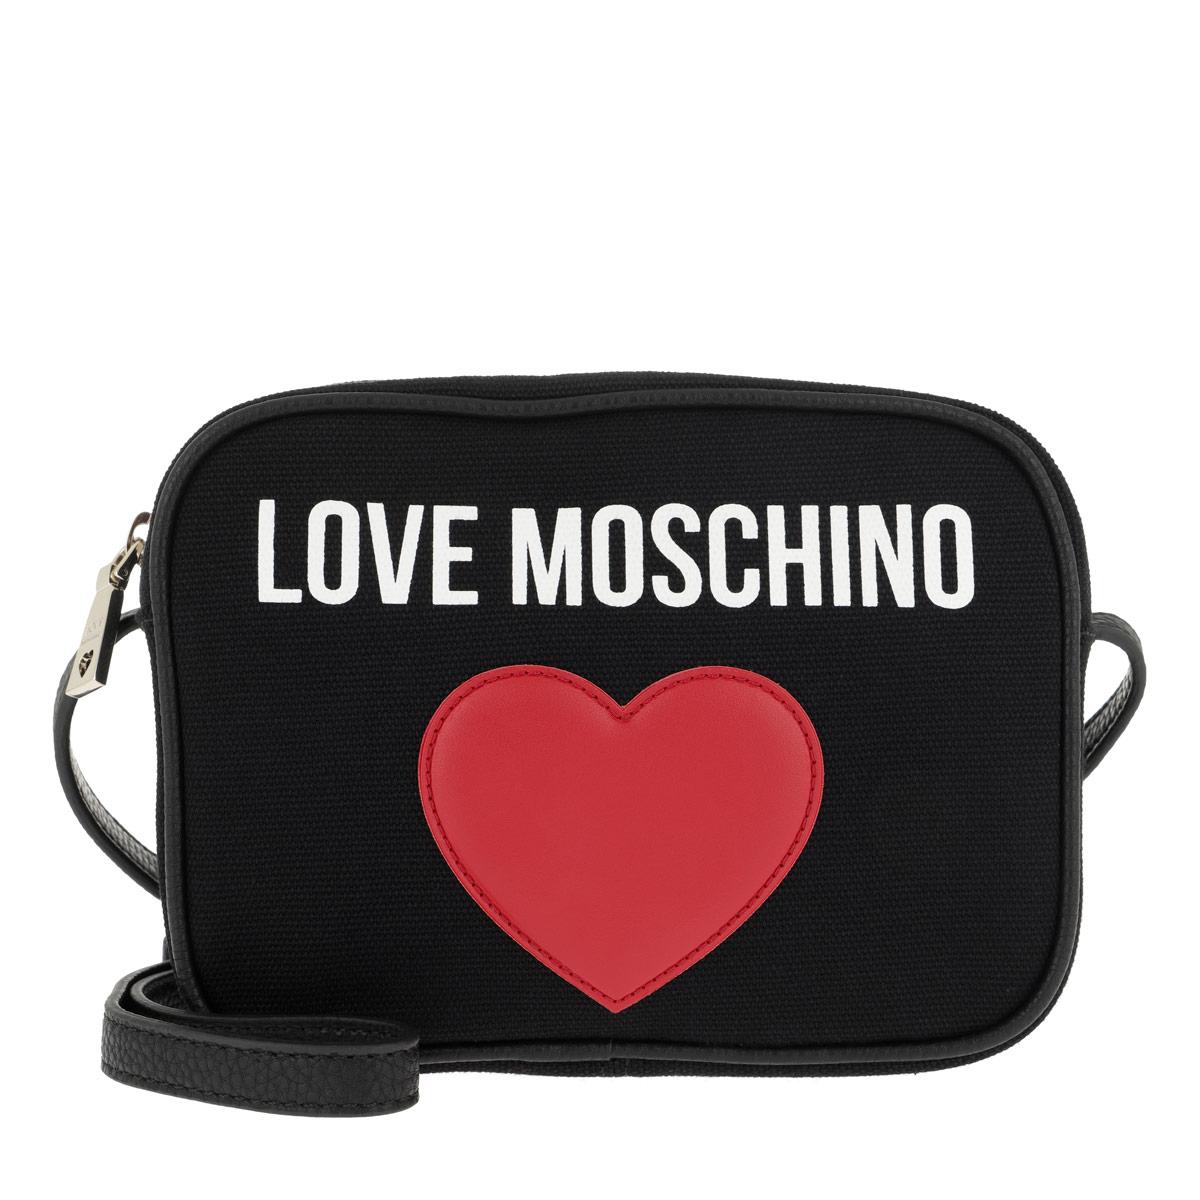 Love Moschino Umhängetasche - Canvas+Pebble Pu Crossbody Bag Nero - in schwarz - für Damen